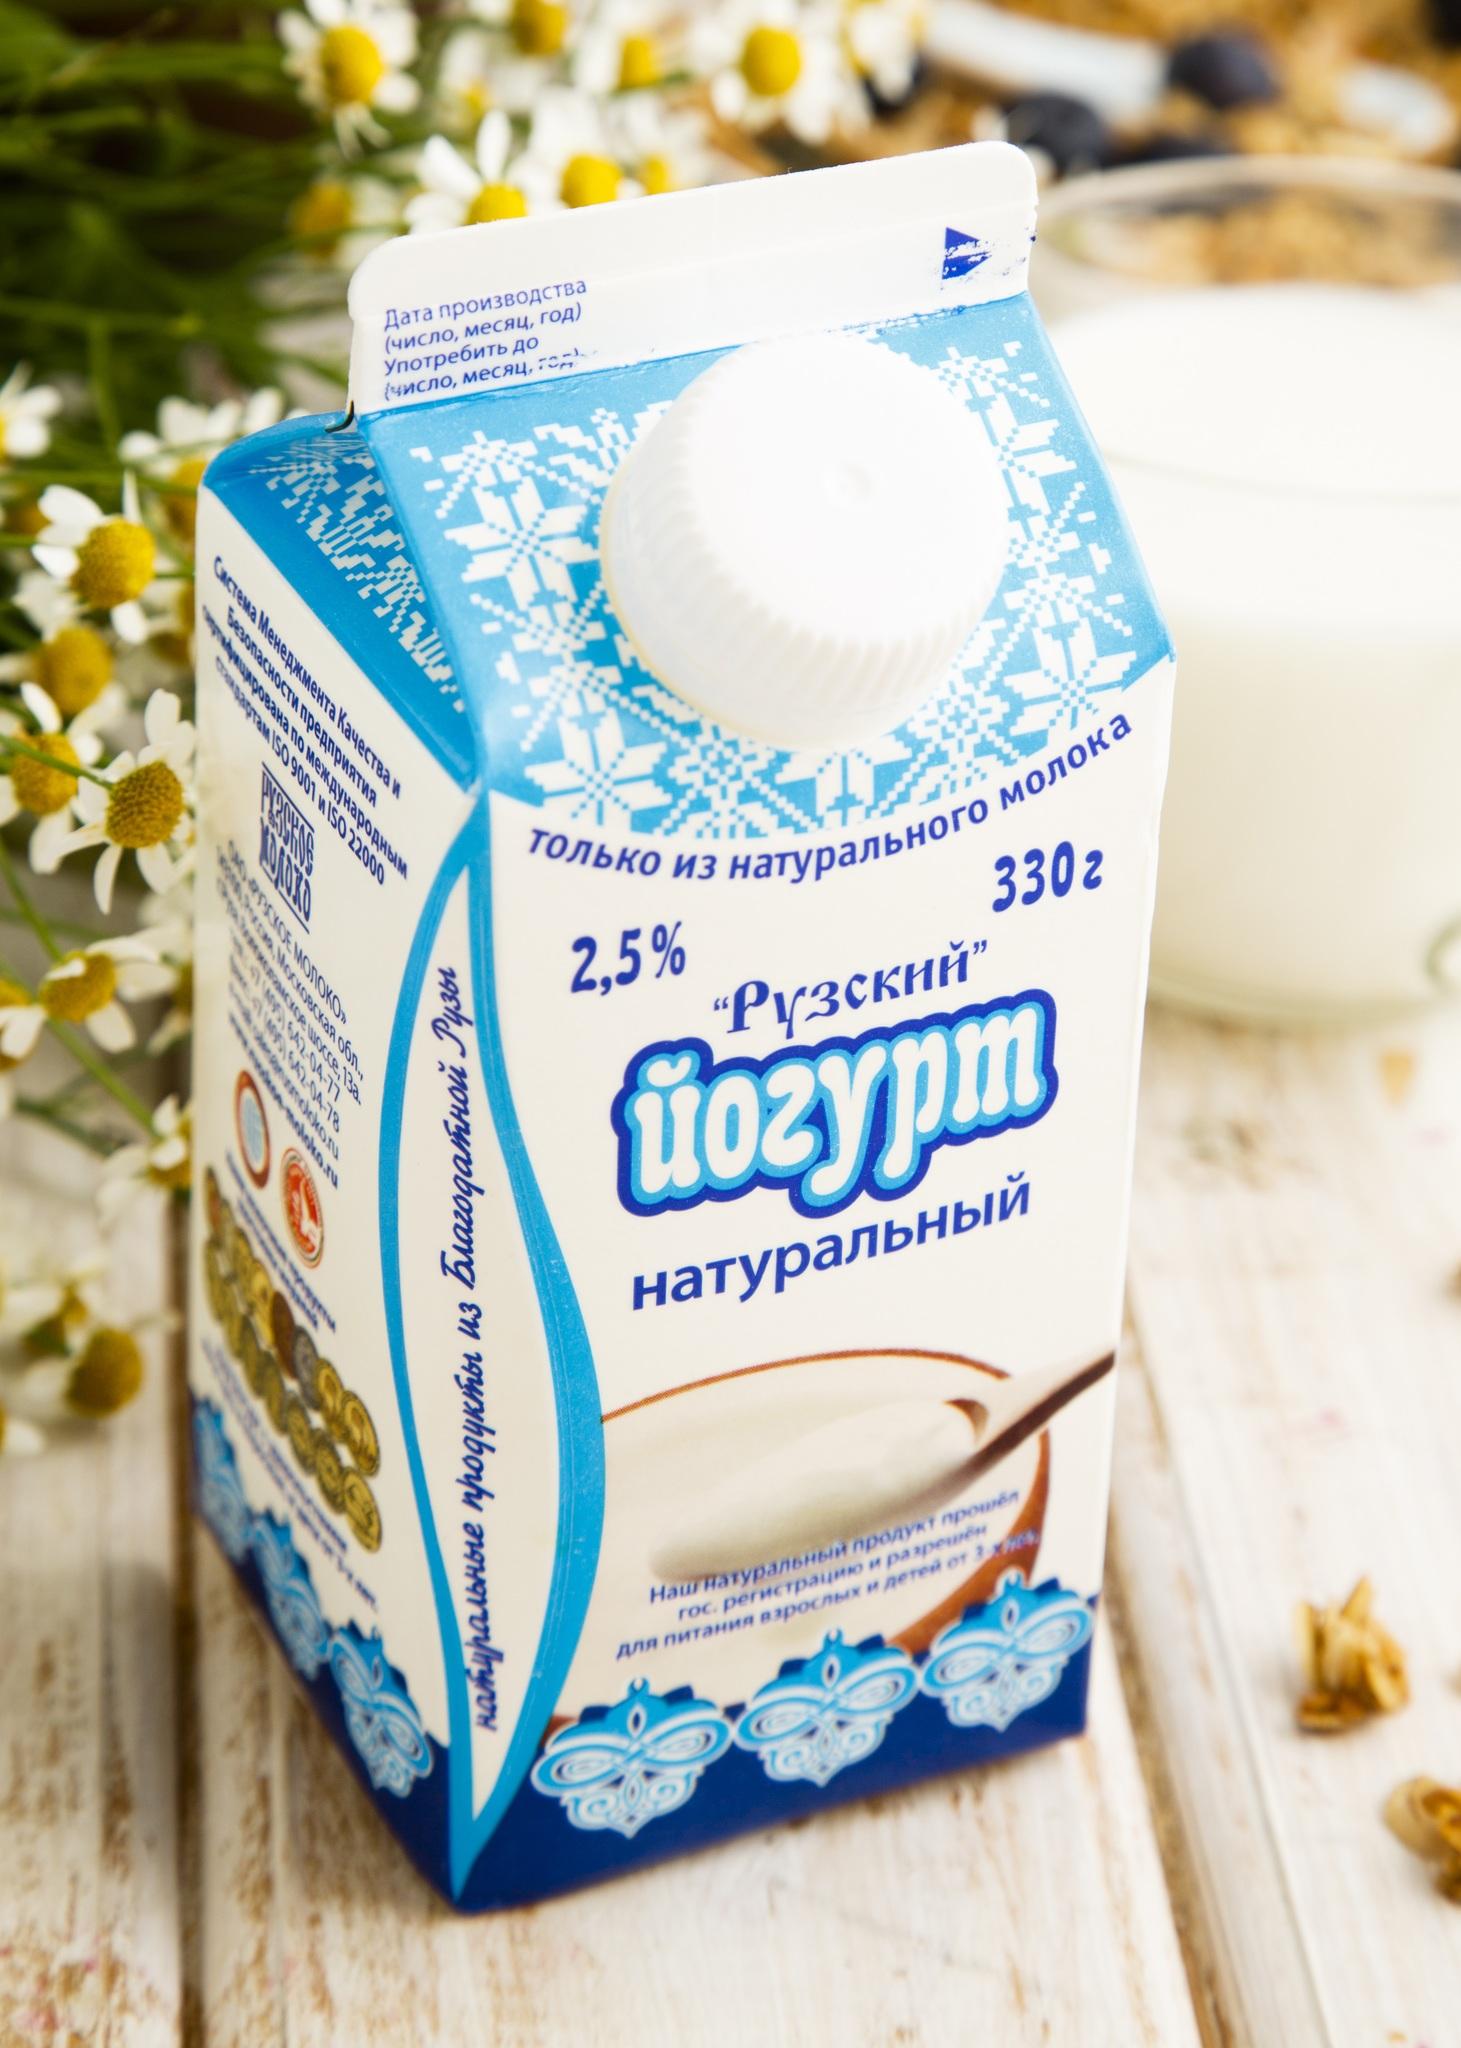 Йогурт натуральный 2,5%